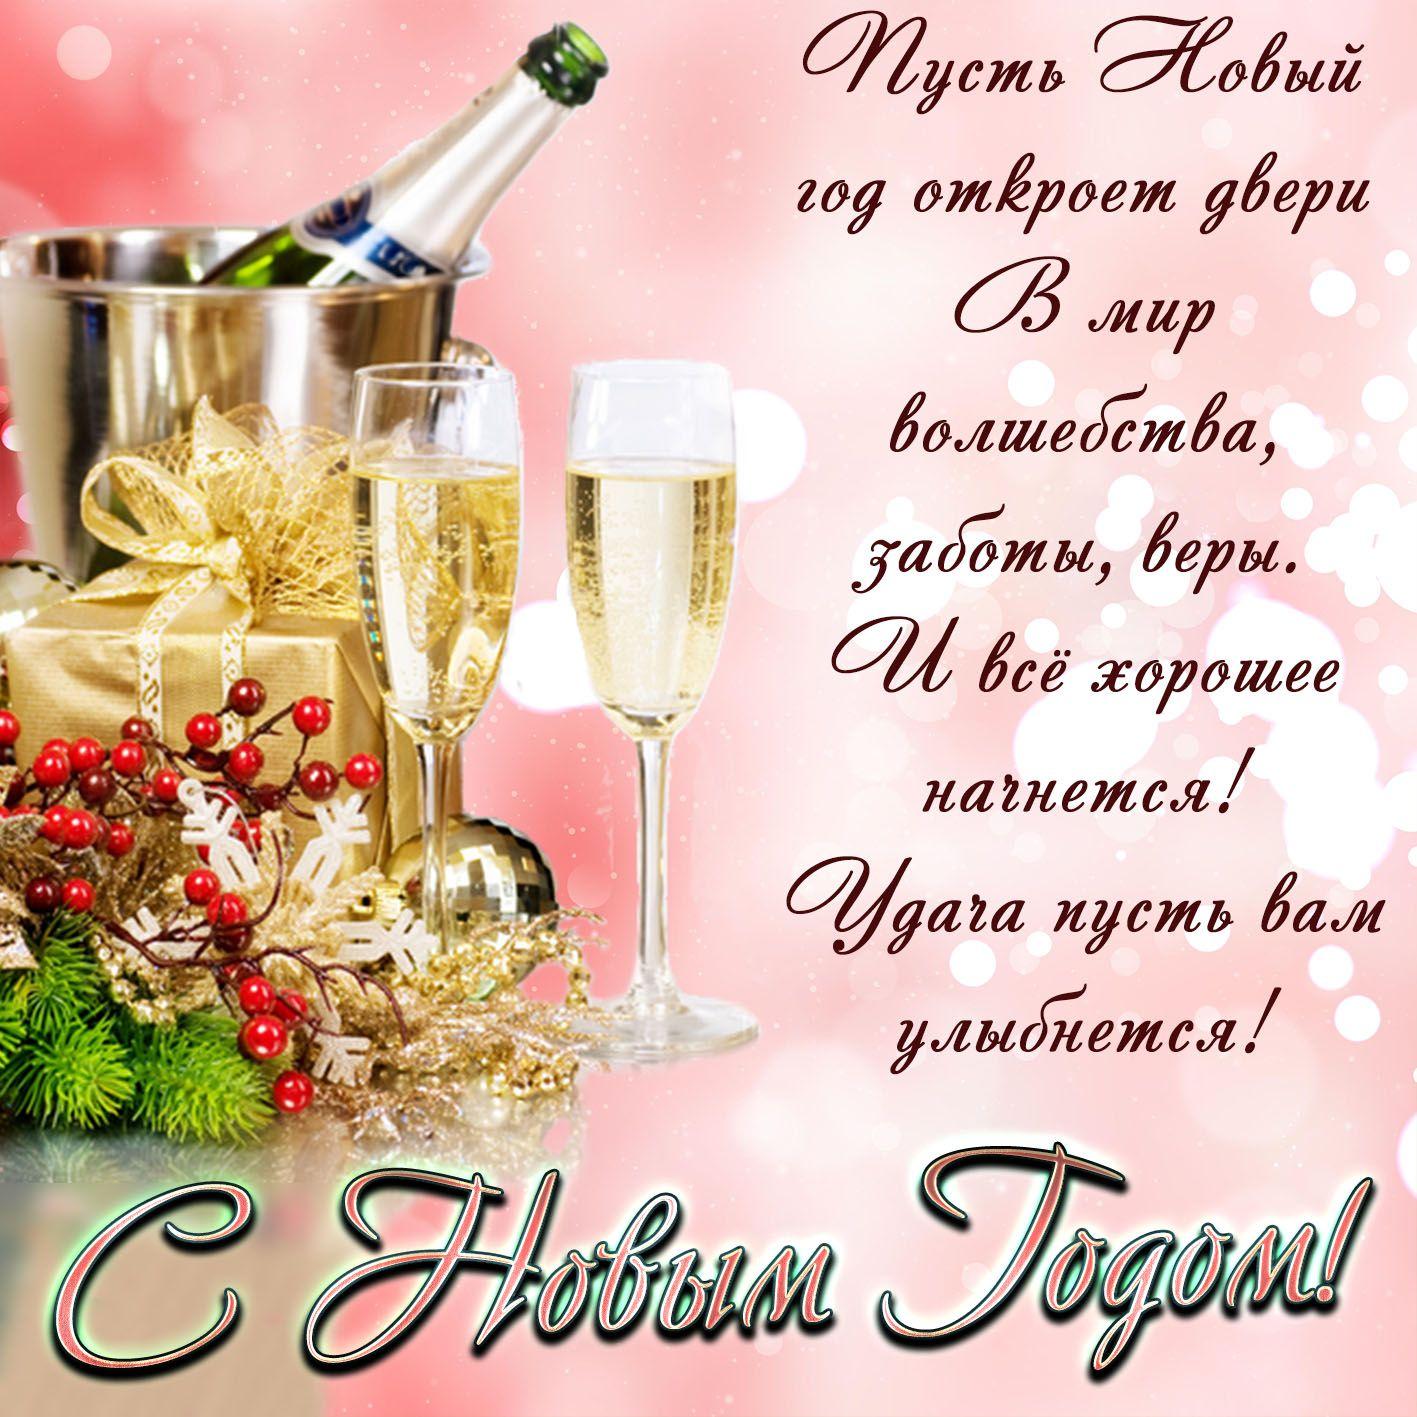 Krasivye Otkrytki S Novym Godom 2020 Krysy Wine Glass Champagne Flute Champagne